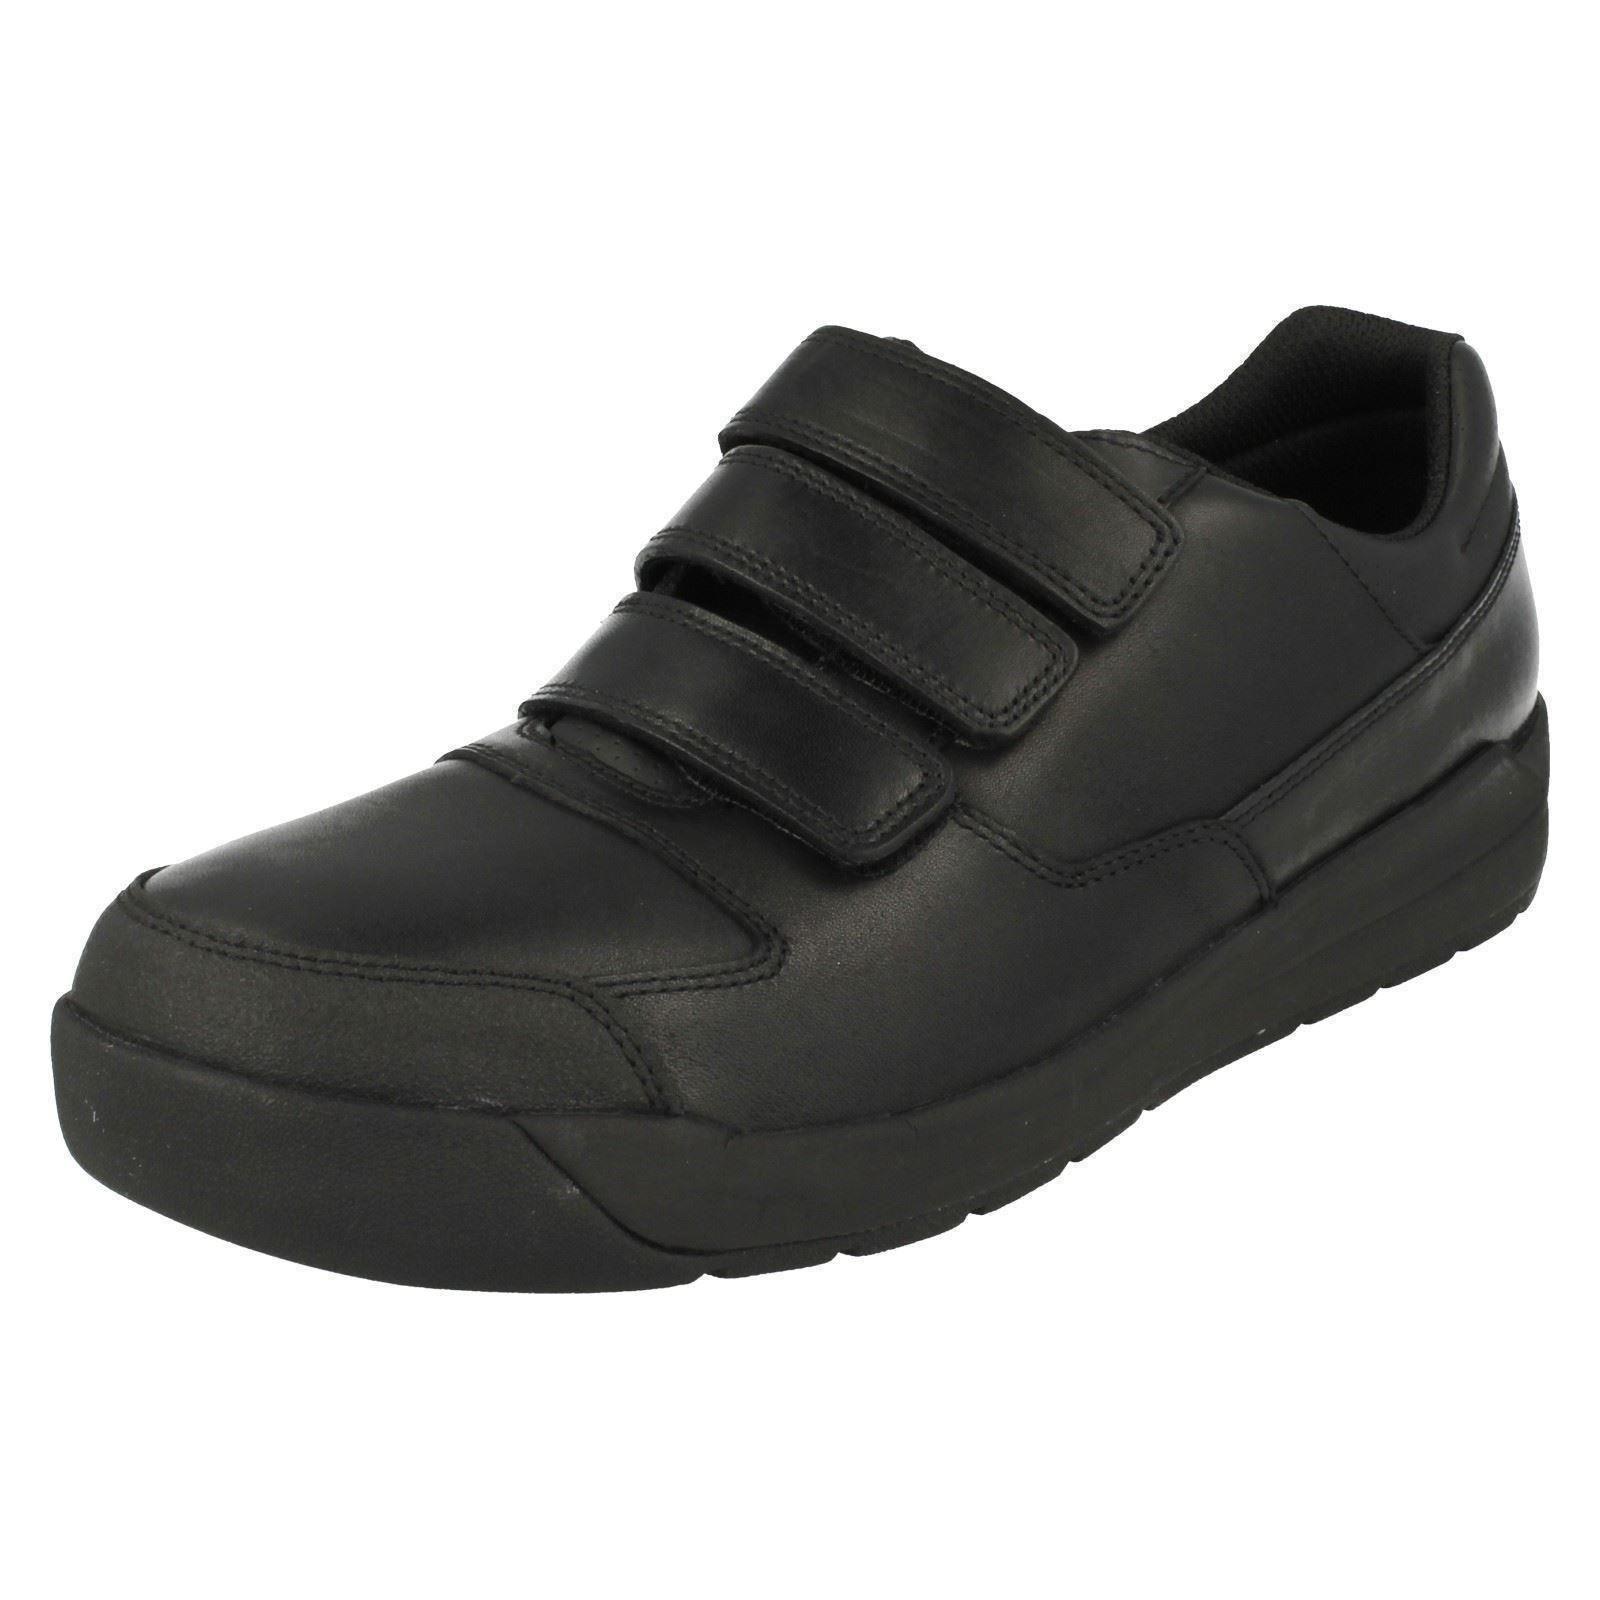 Clarks School Shoes Mistro Trek